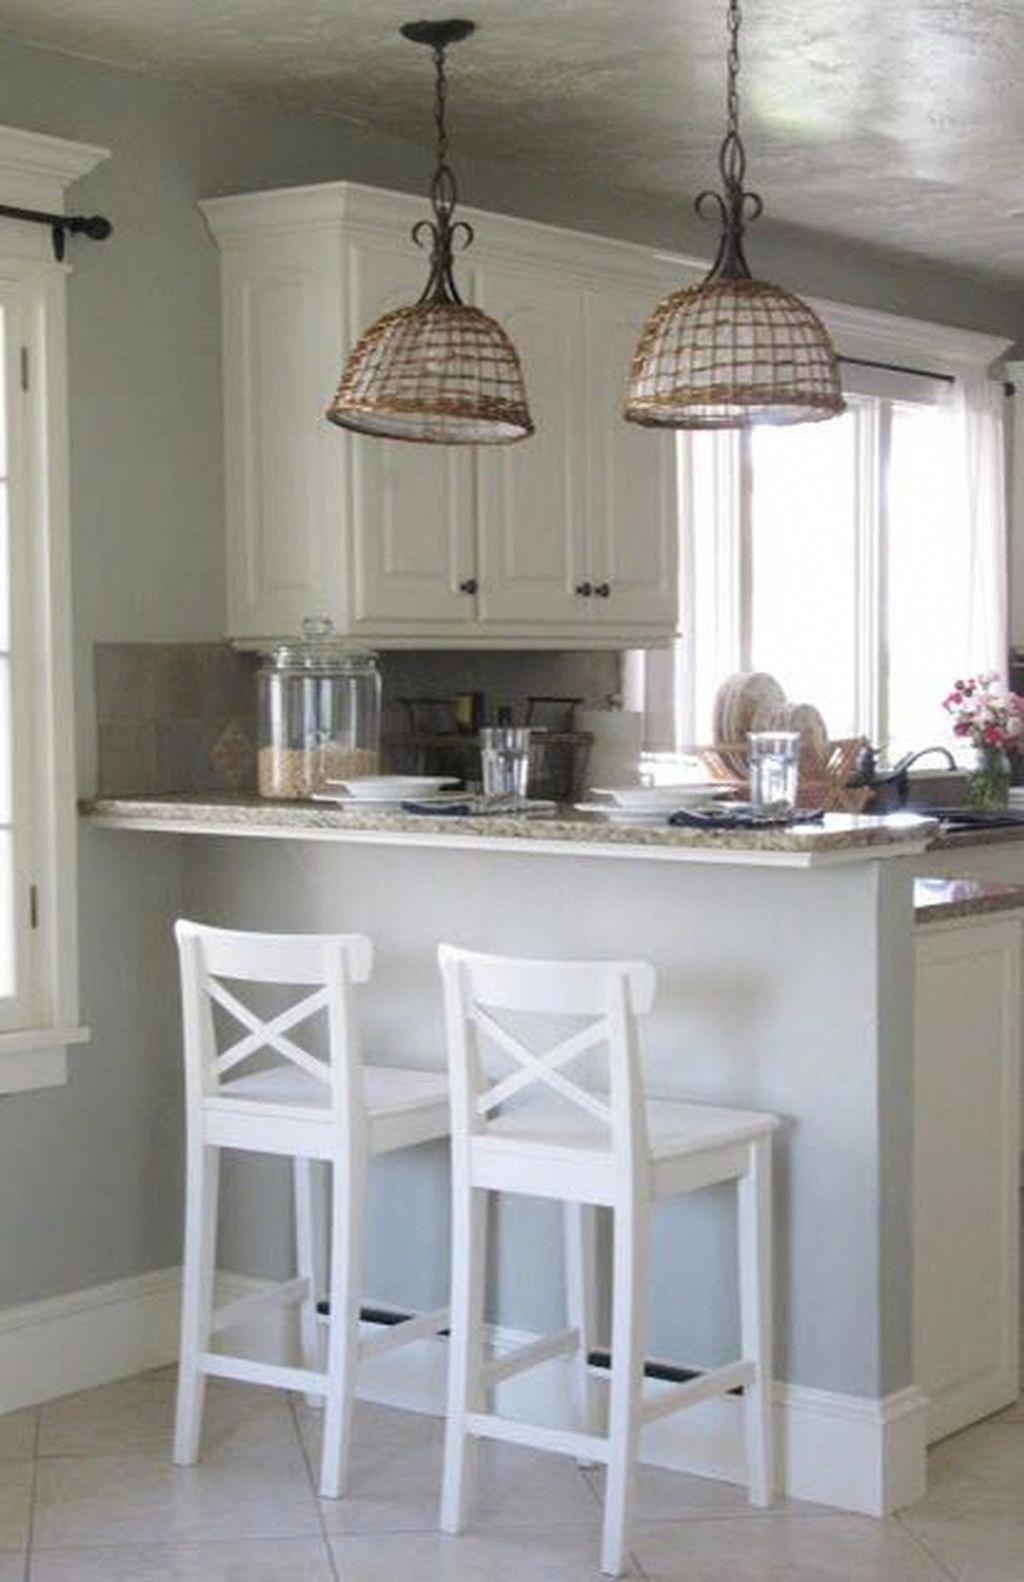 49 elegant small kitchen ideas remodel köksinredning drömkök inredning on kitchen remodel ideas id=35427